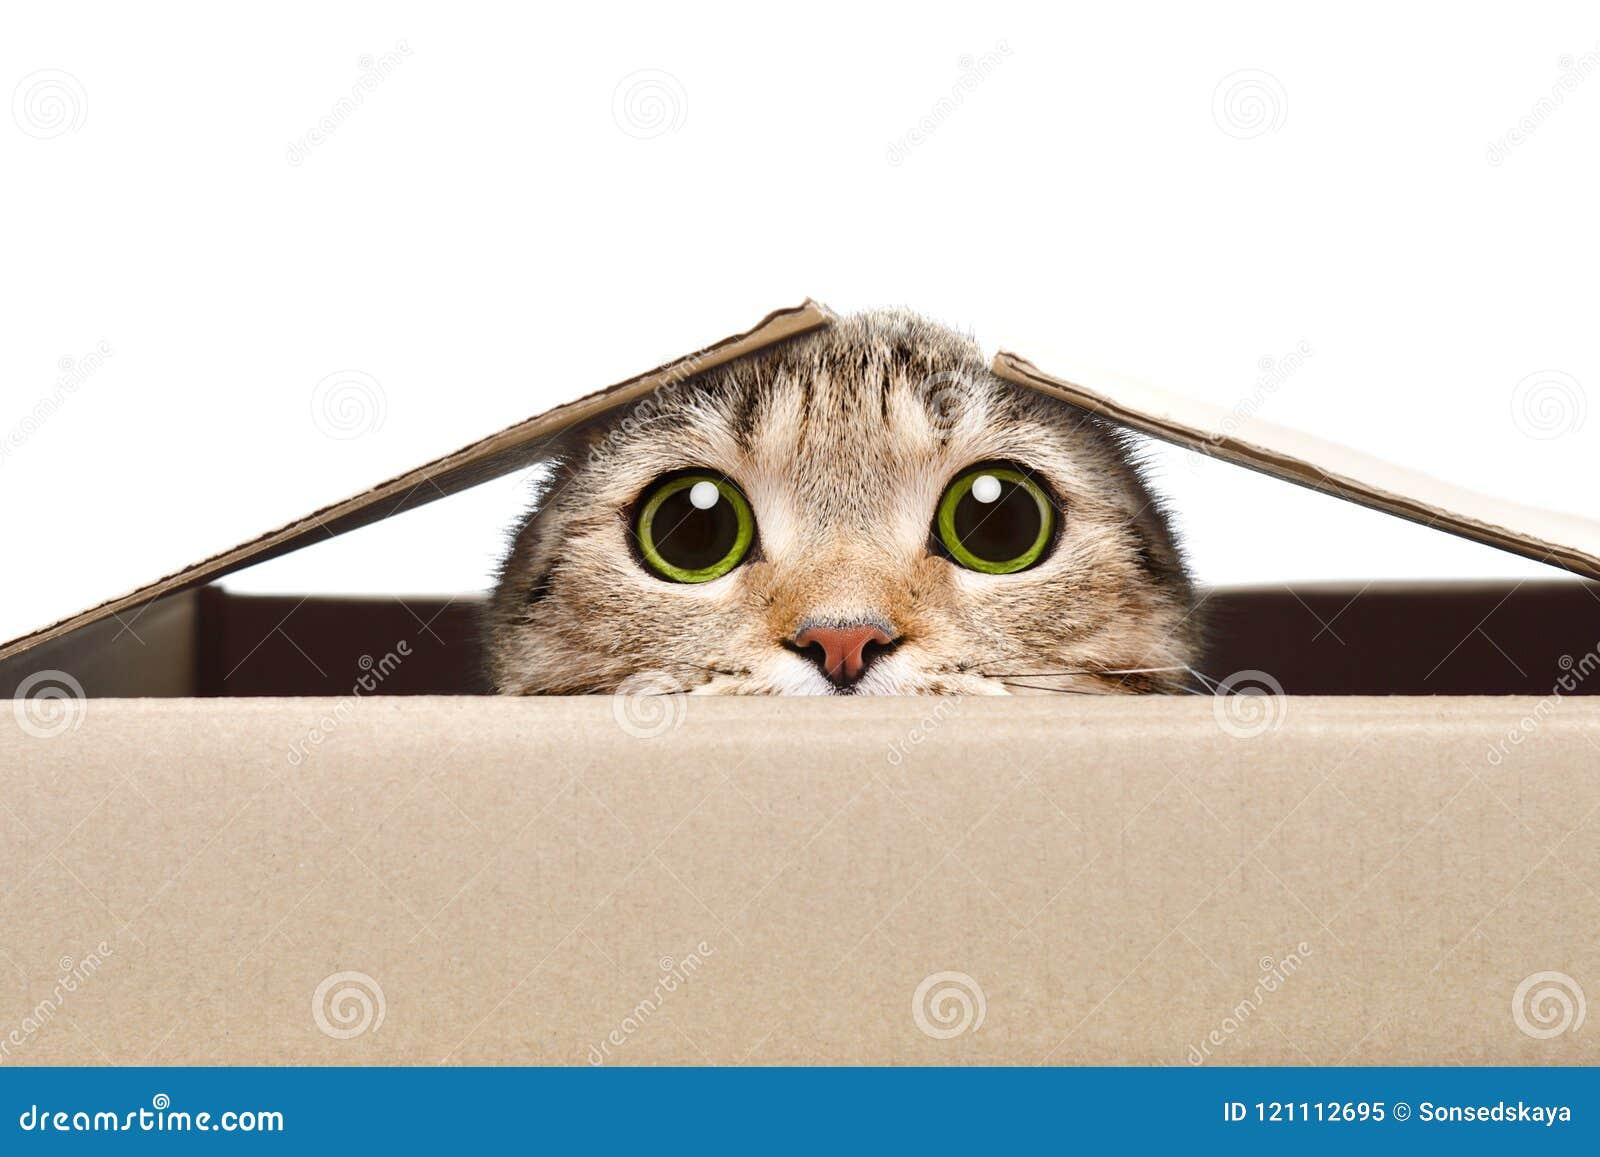 Ritratto di un gatto divertente che guarda dalla scatola